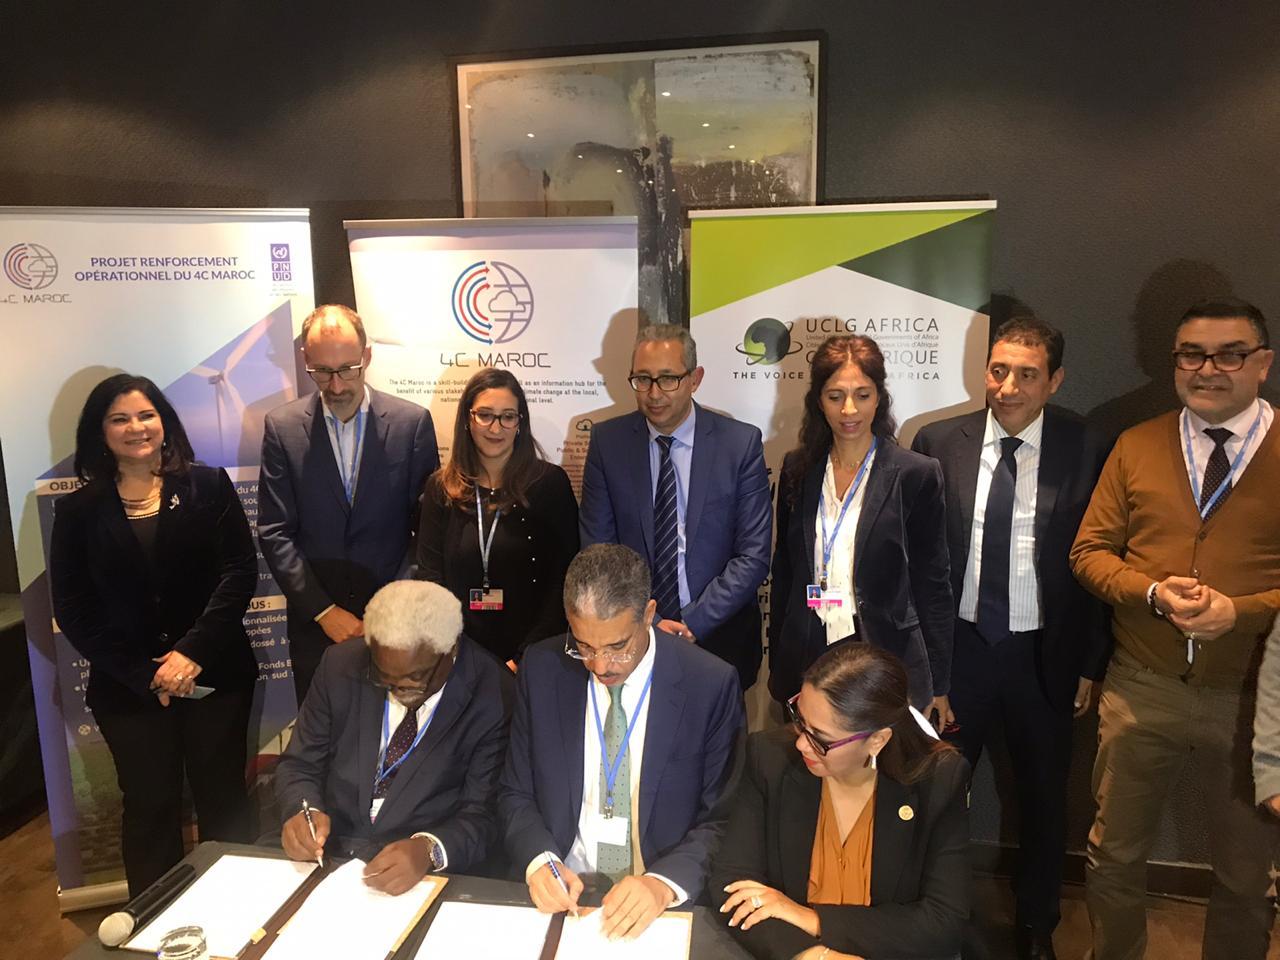 Climat: Le centre 4C Maroc et CGLU Afrique signent un accord de coopération